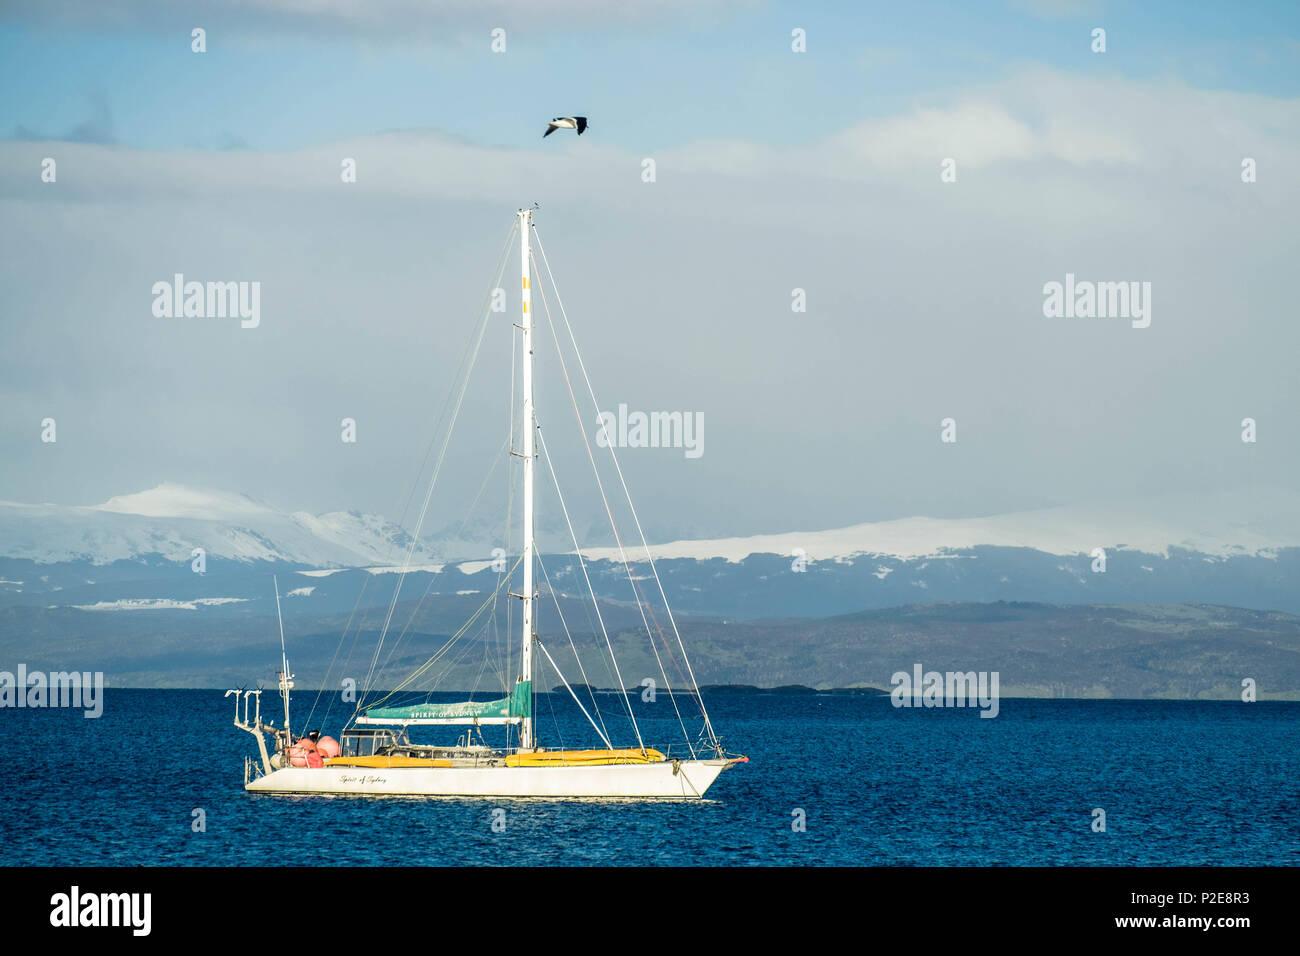 Un voile voile traverse le canal Beagle près d'Ushuaia. La voile est populaire dans cette partie du monde où les îles offrent de superbes paysages. Banque D'Images